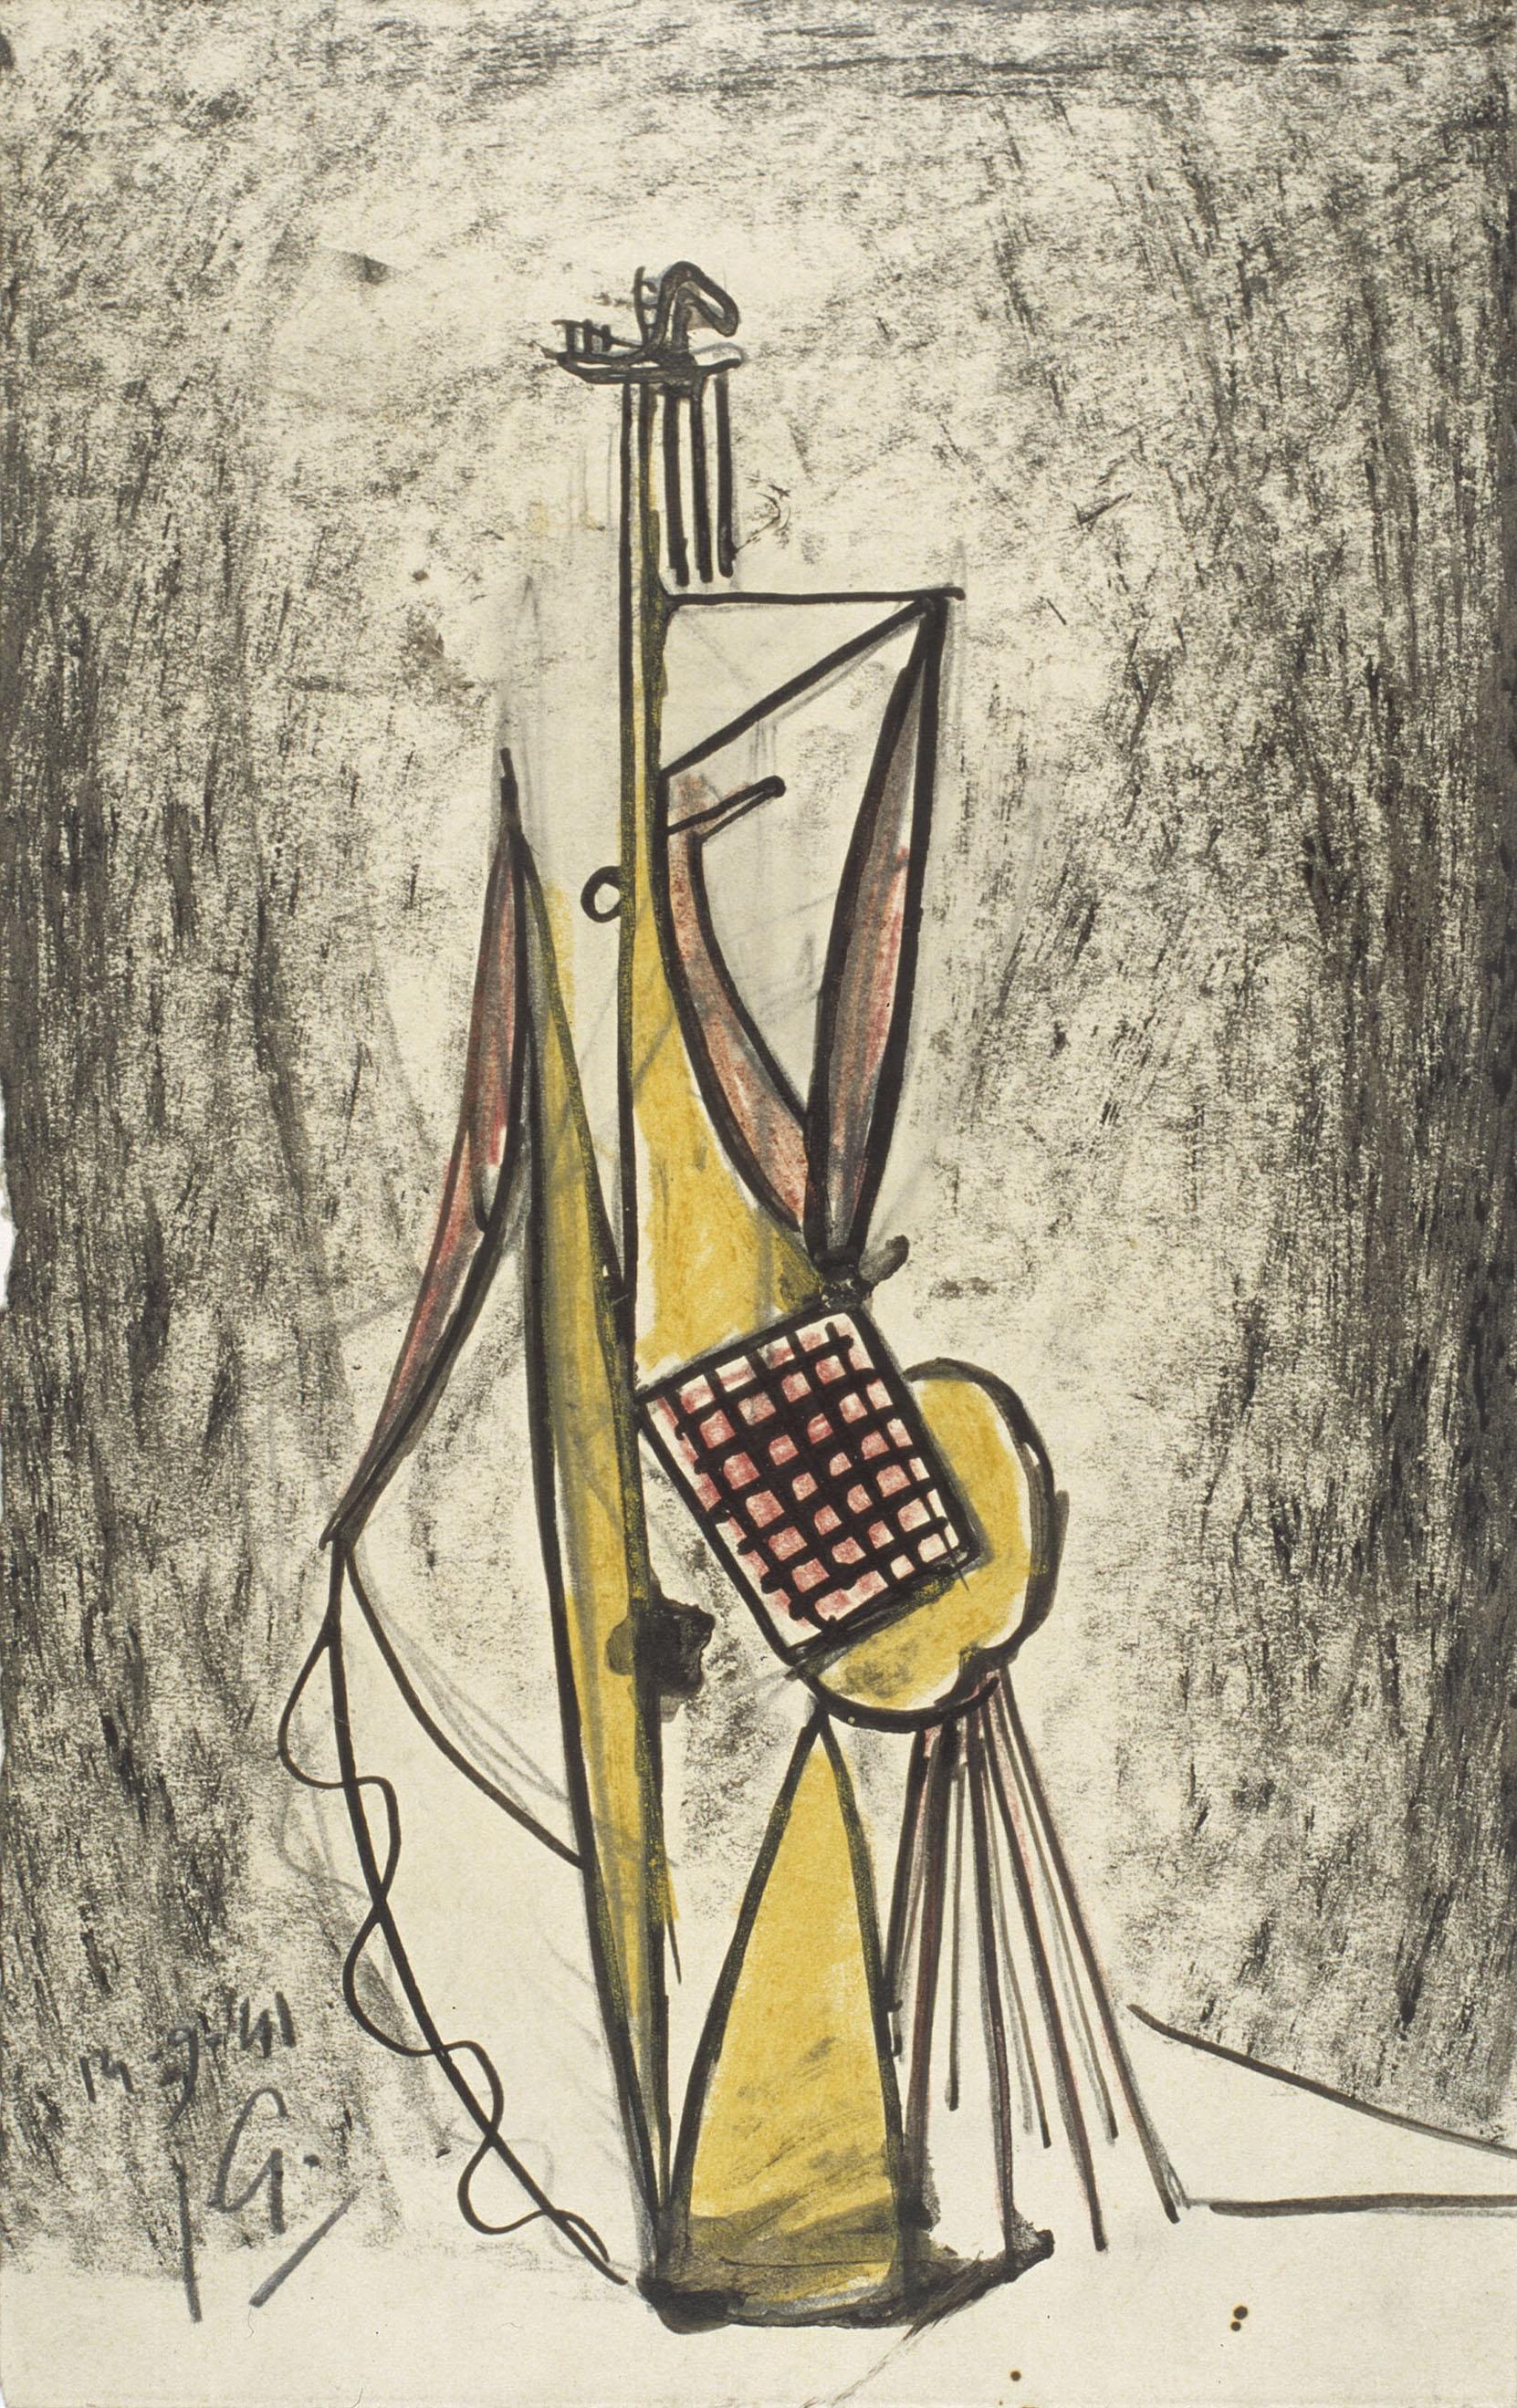 Juli González - Personatge a la graella (Personnage à la grille) - 1941